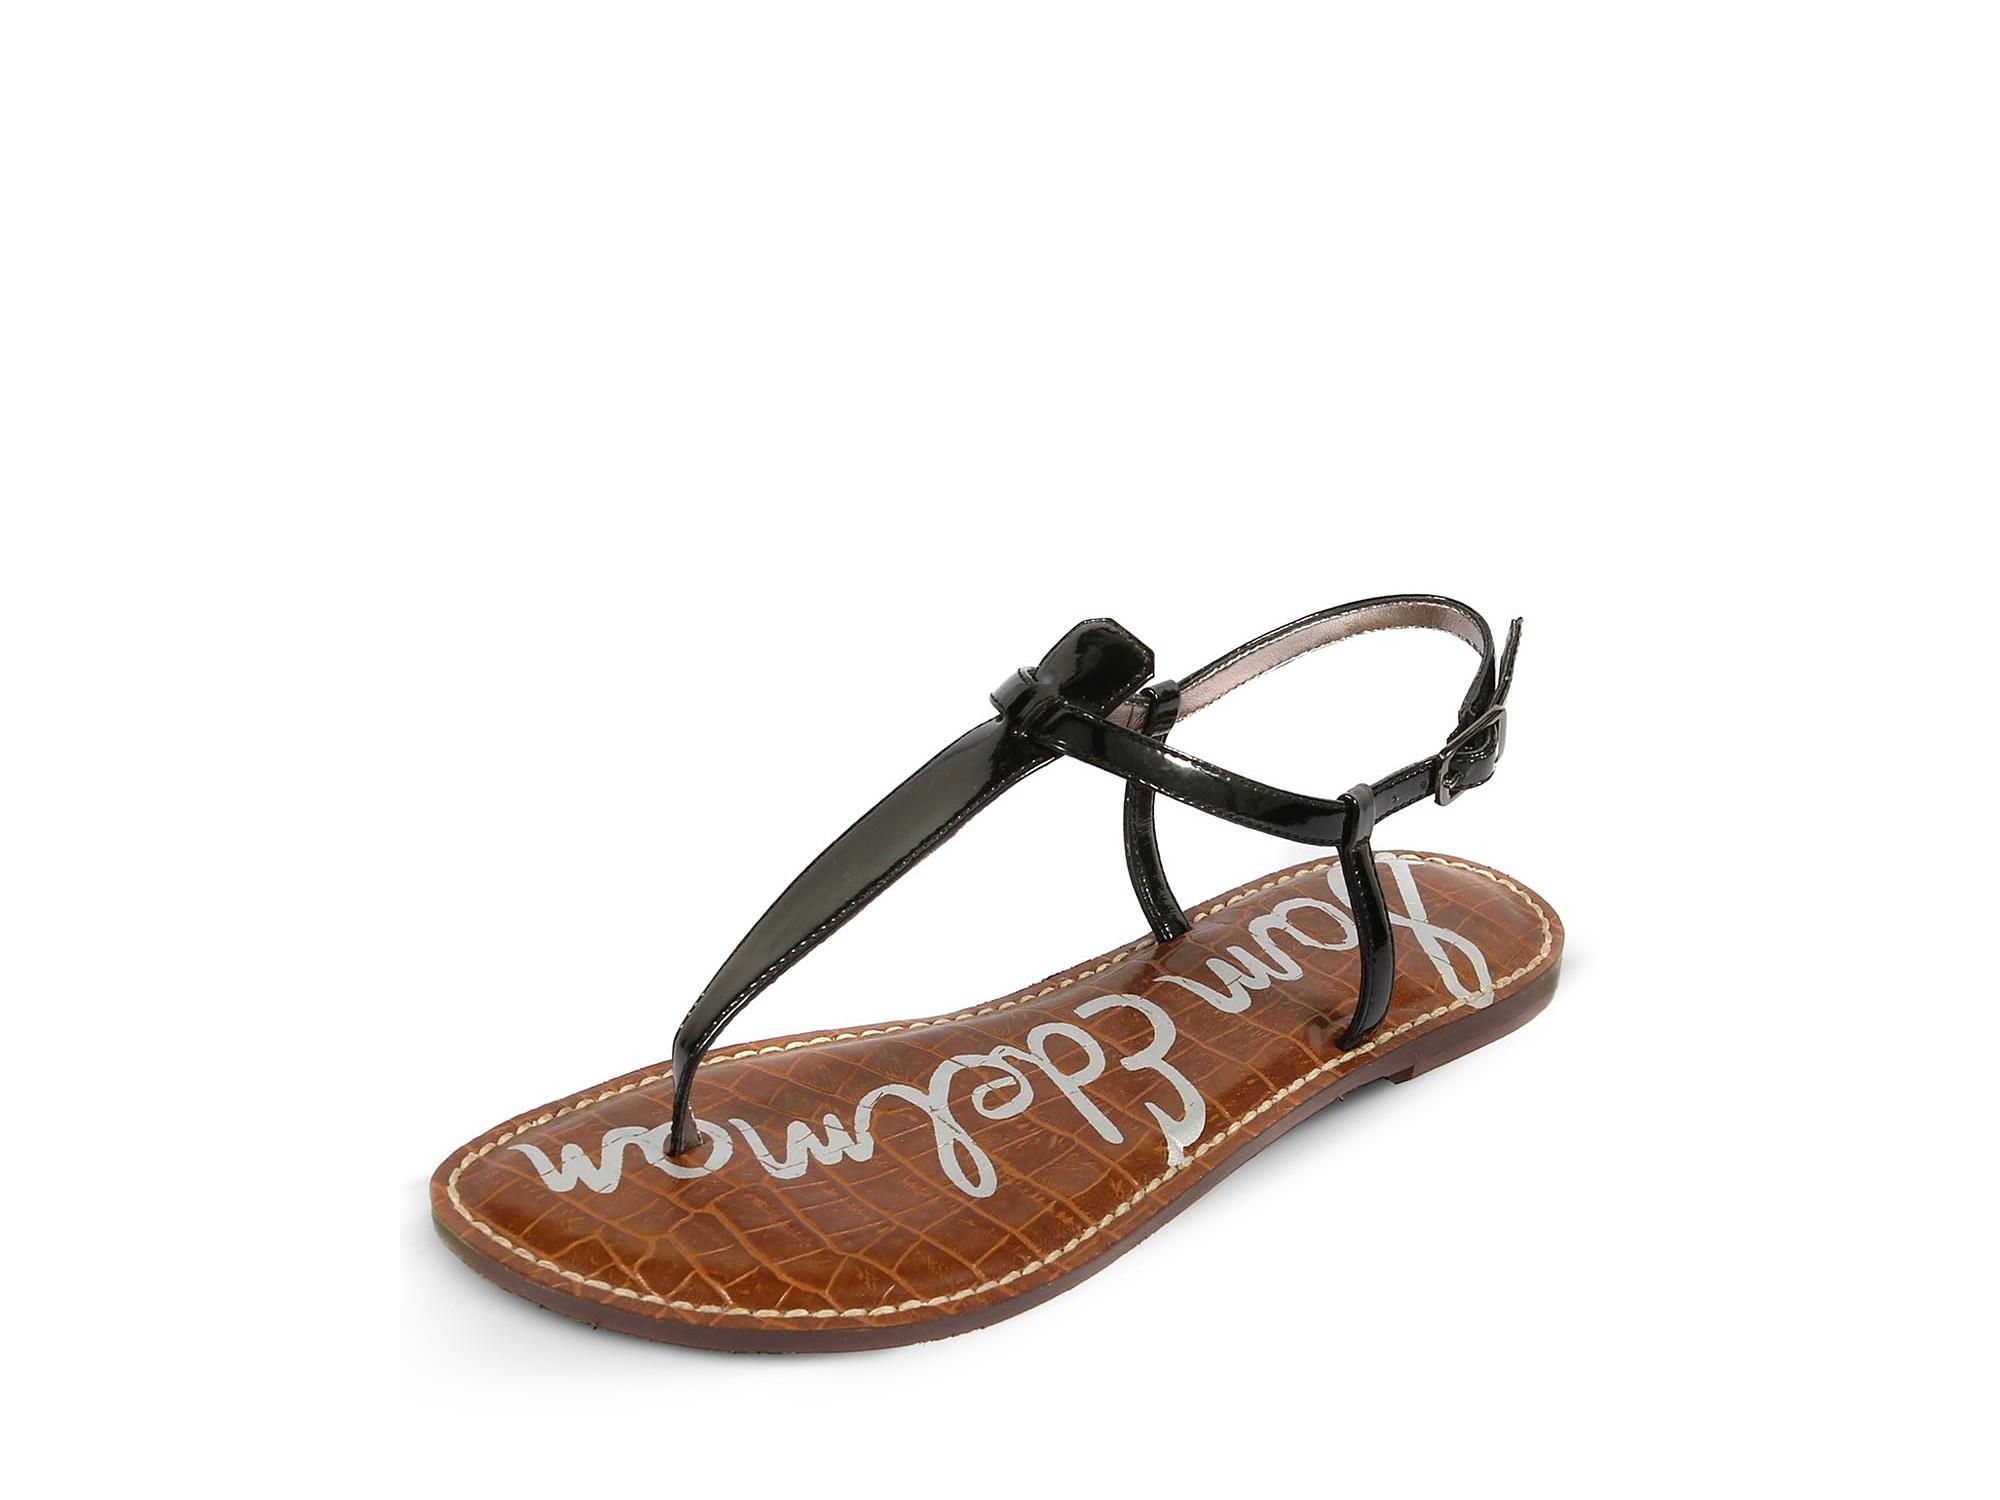 90f9114fe04783 Lyst - Sam Edelman Gigi Flat Sandals in Black